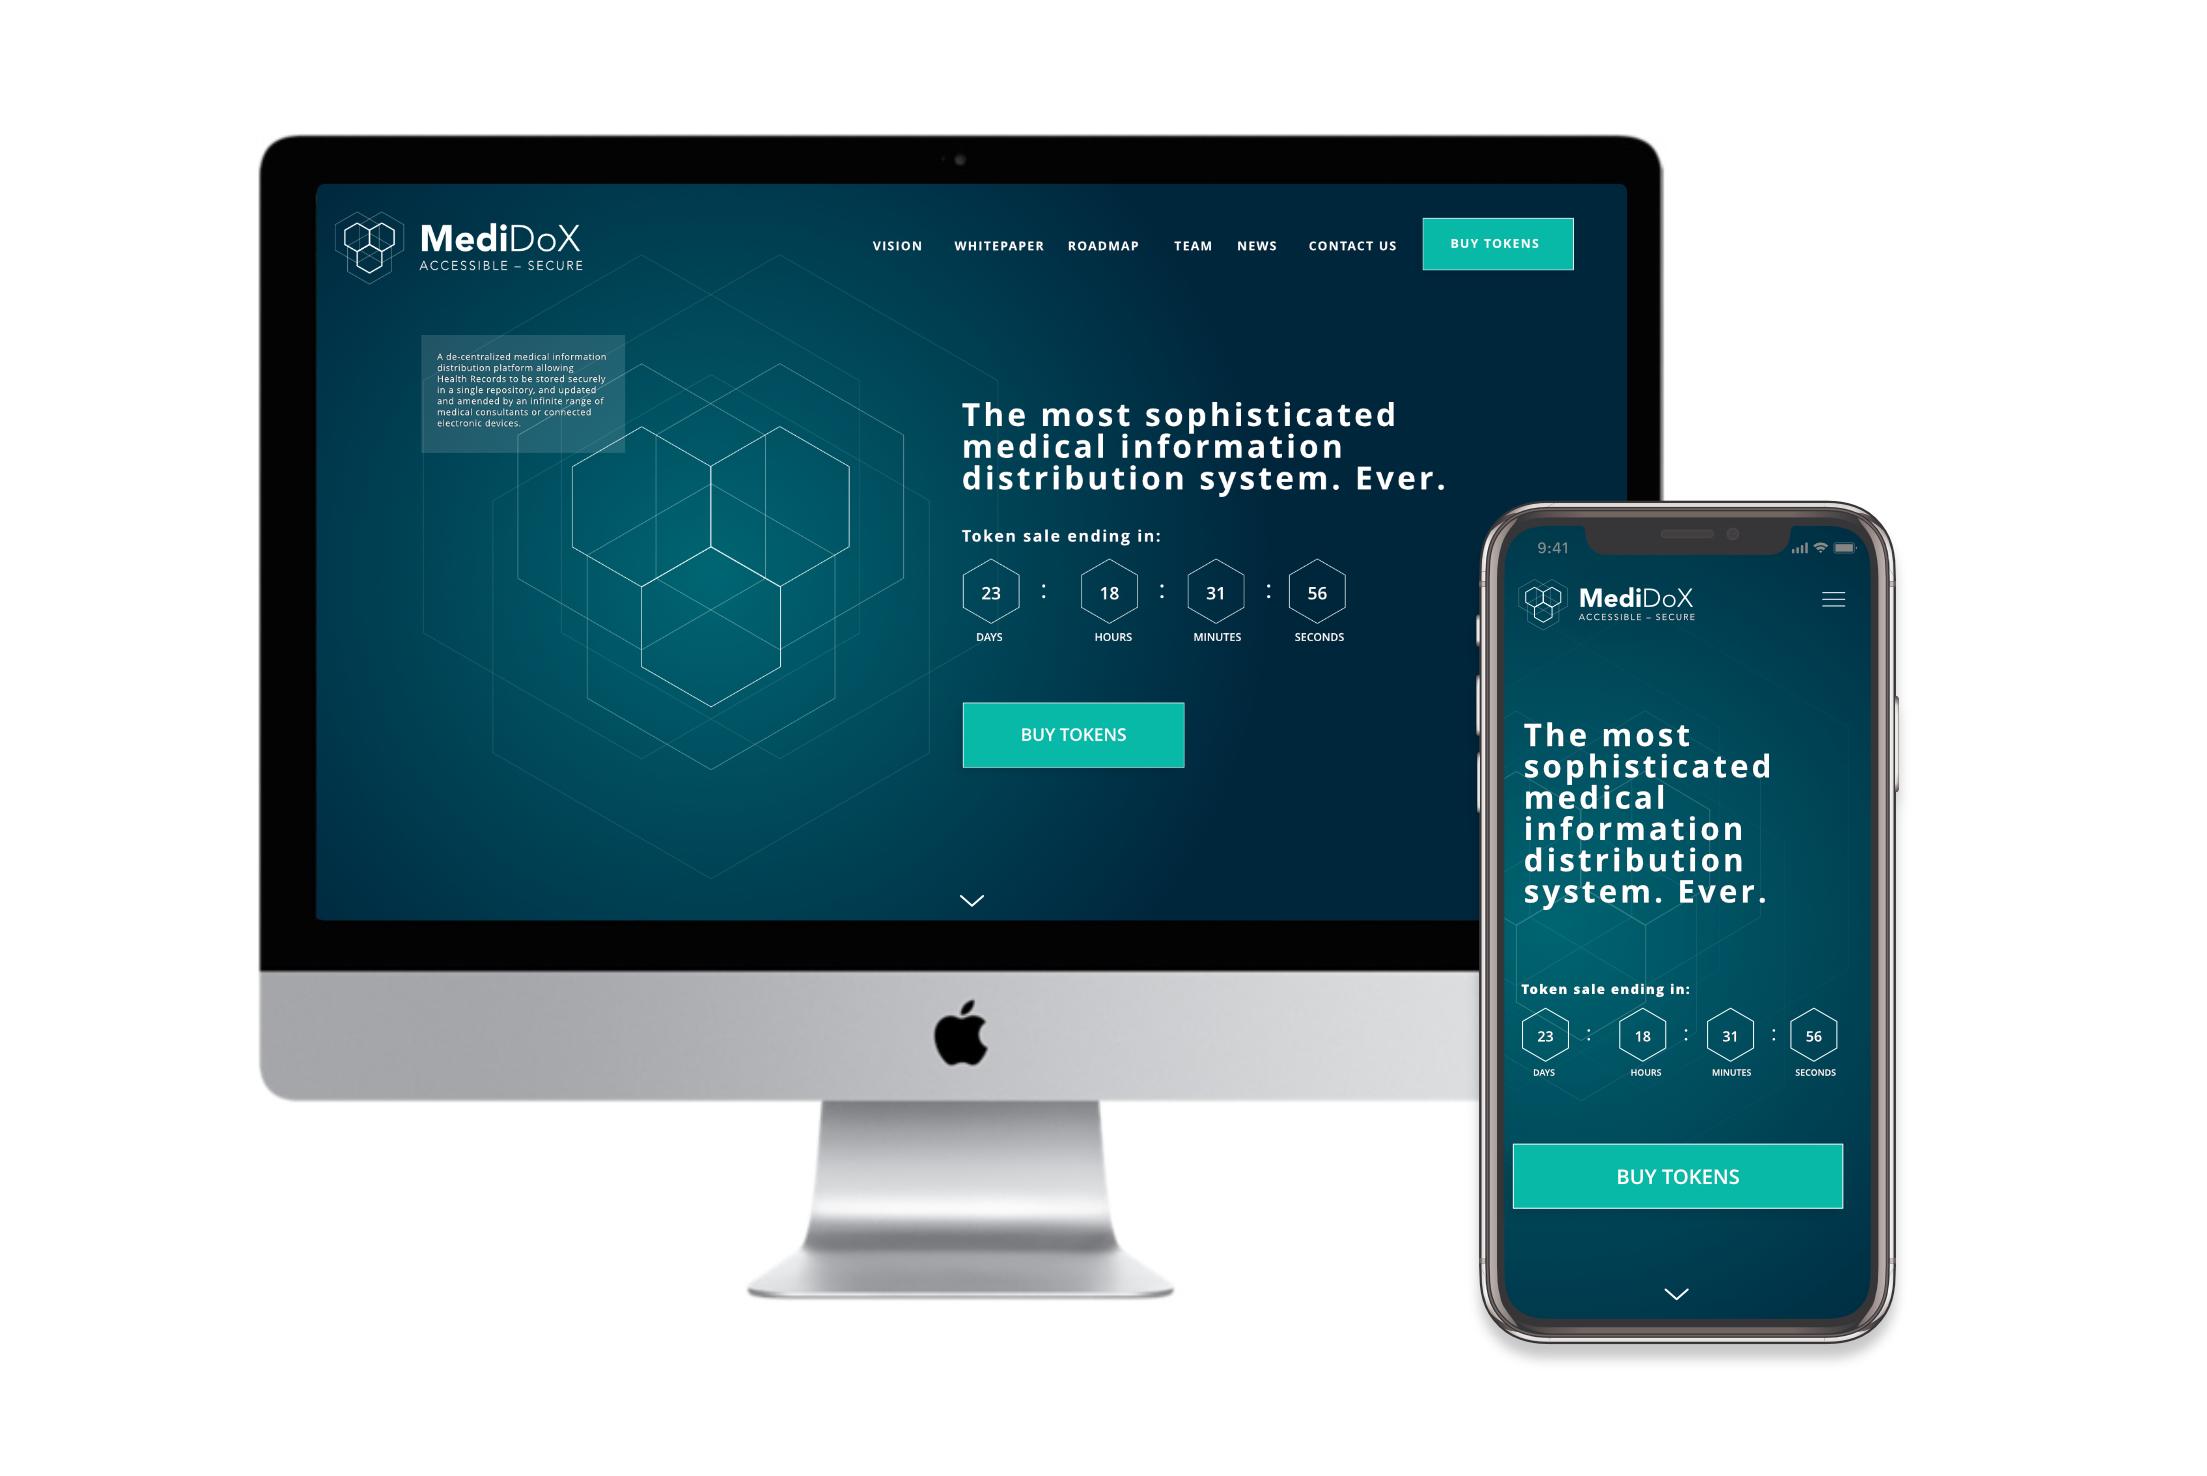 Website design by Charlotte Clark on mobile and desktop